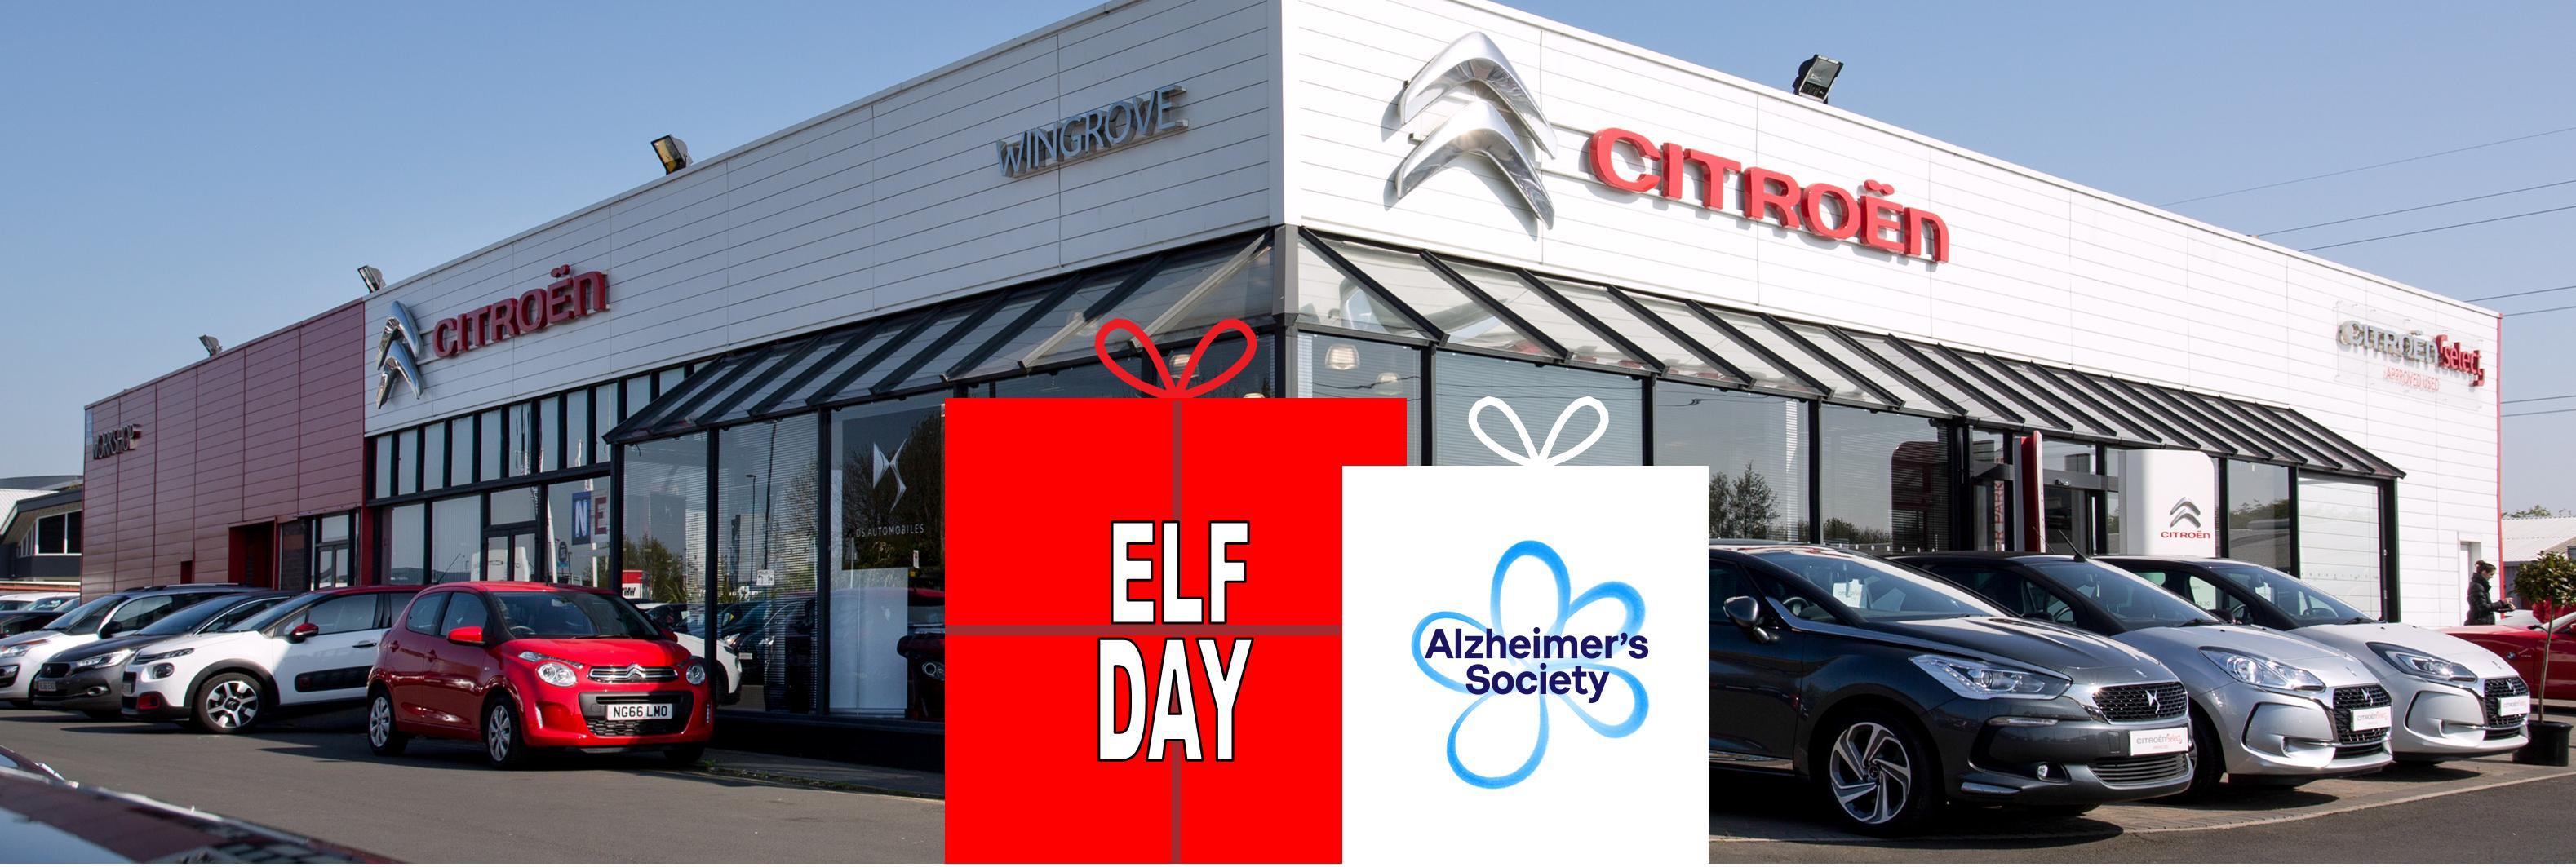 Alzheimer's Society Elf Day